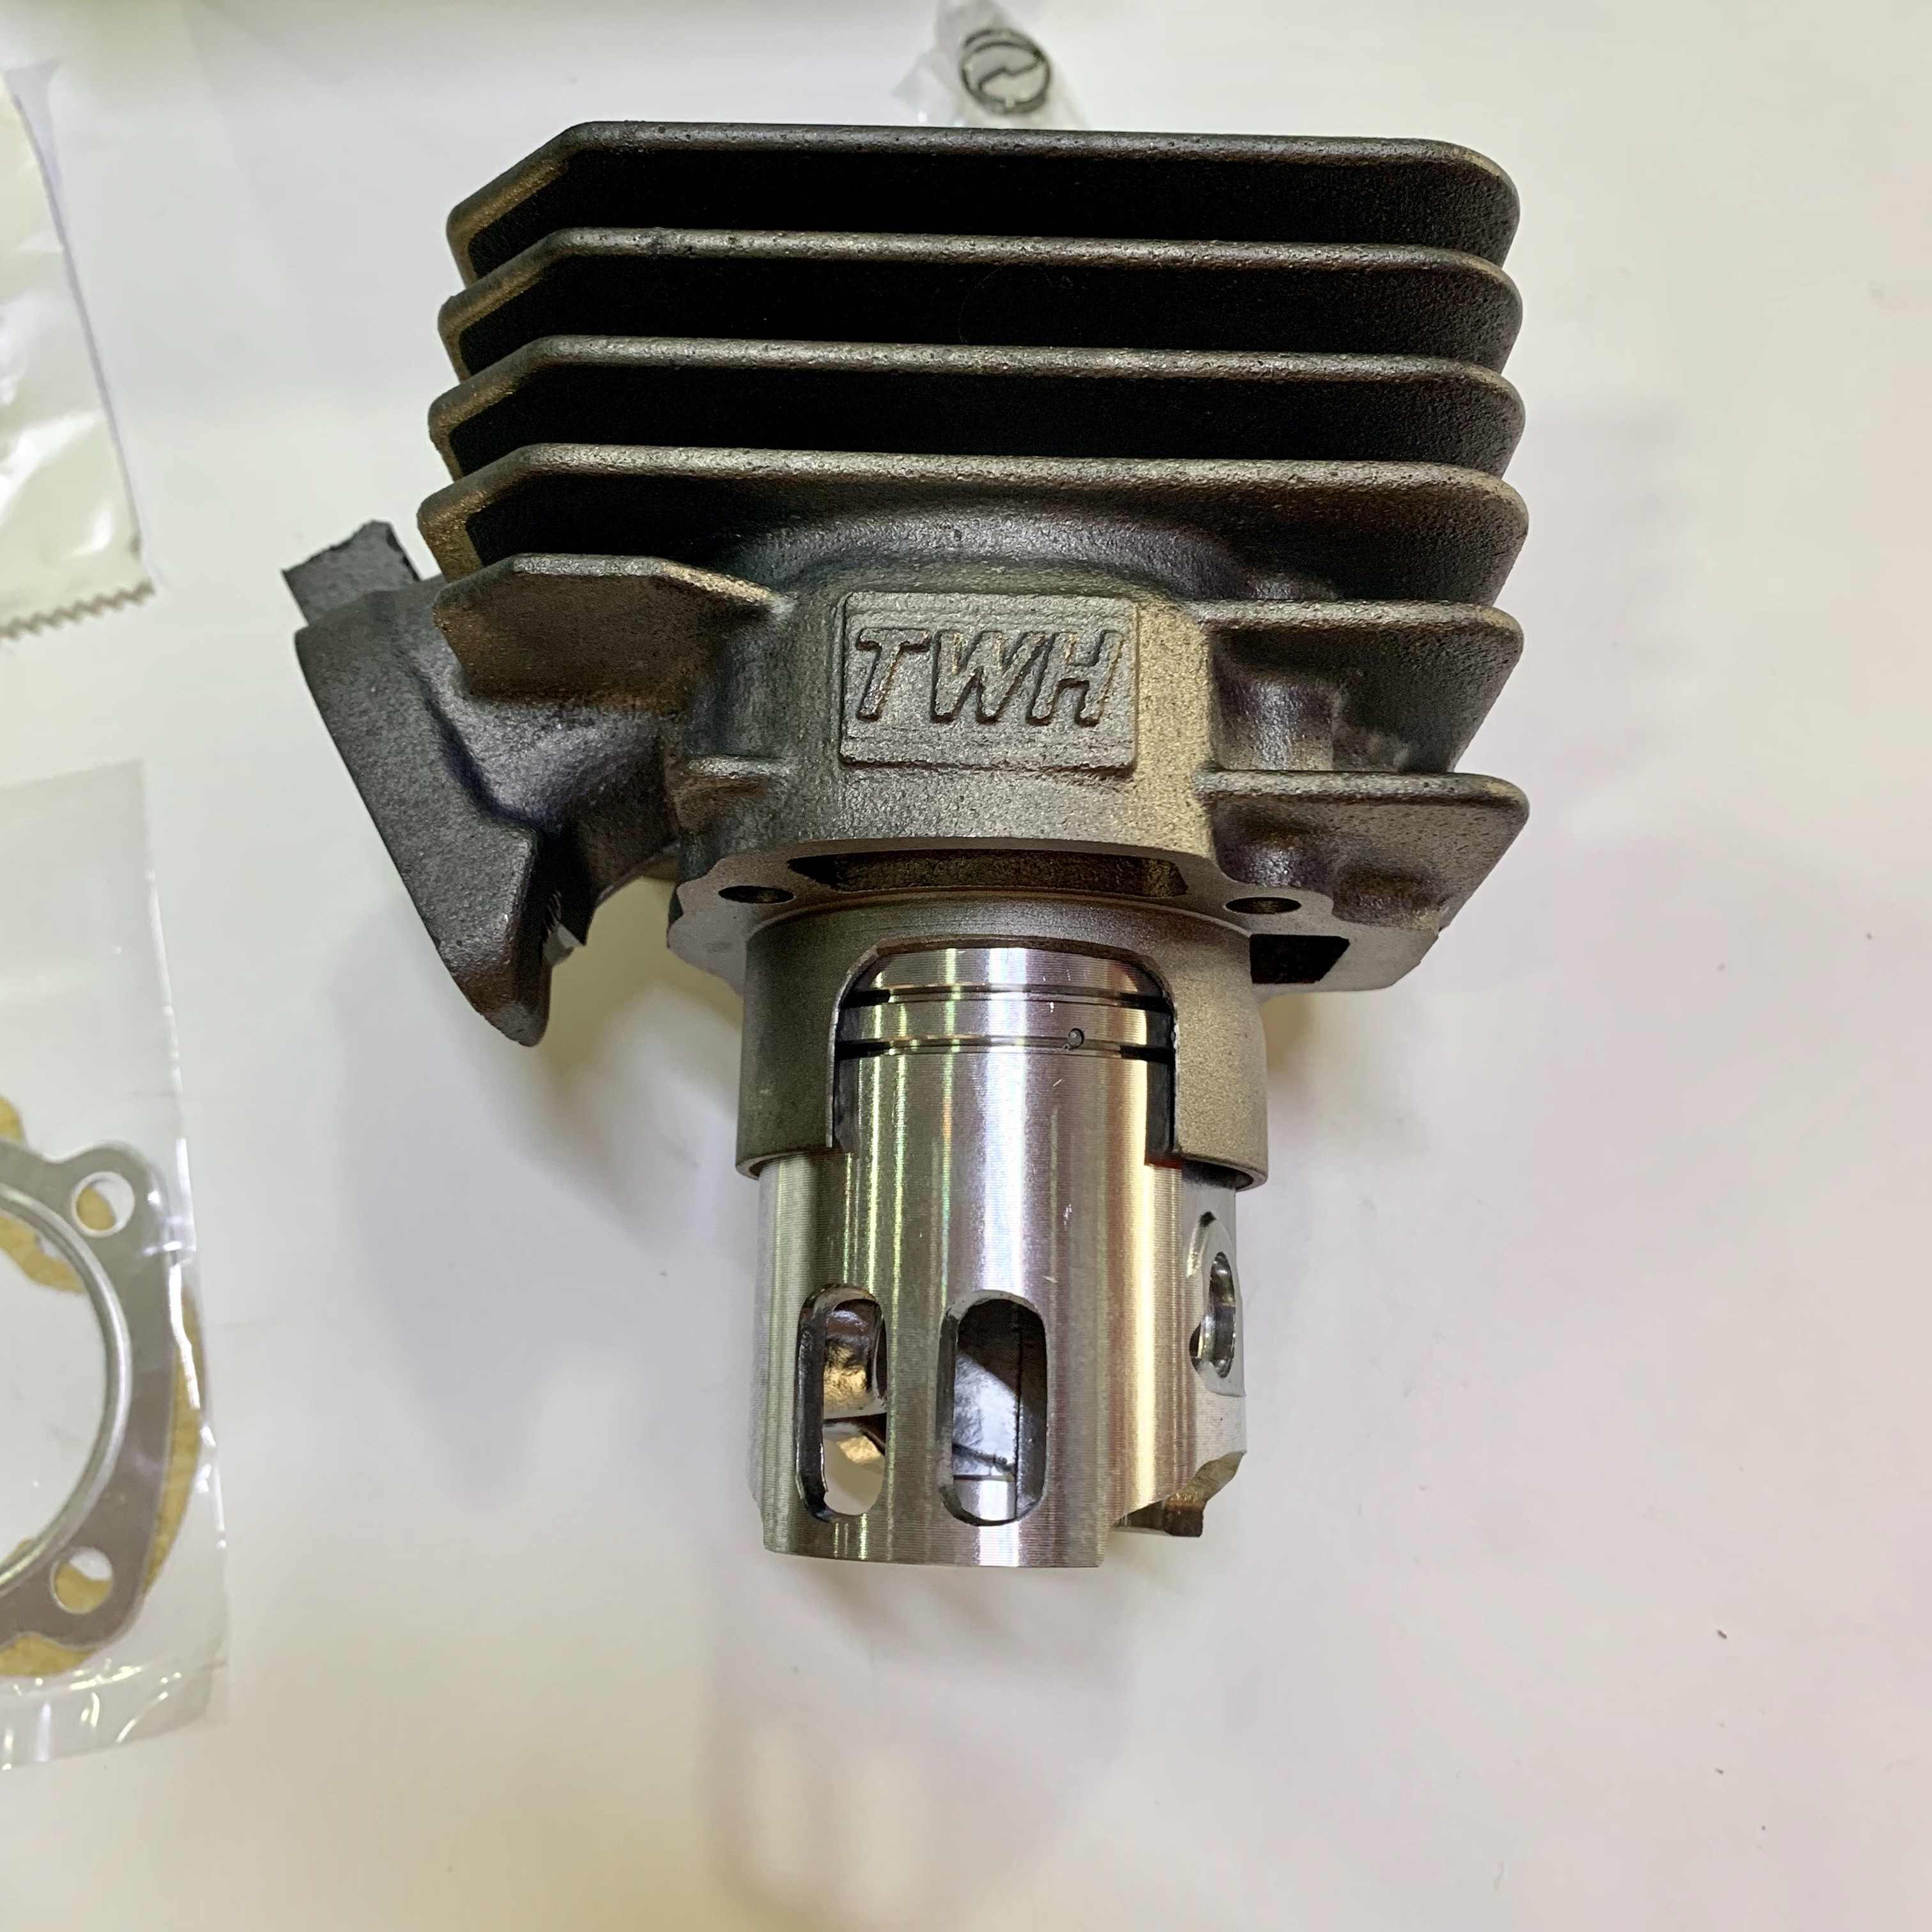 Kit cylindre 50mm pour DIO50 piston A + gros alésage ensemble course tuning moteurs et pièces de moteur plug and play dio 50